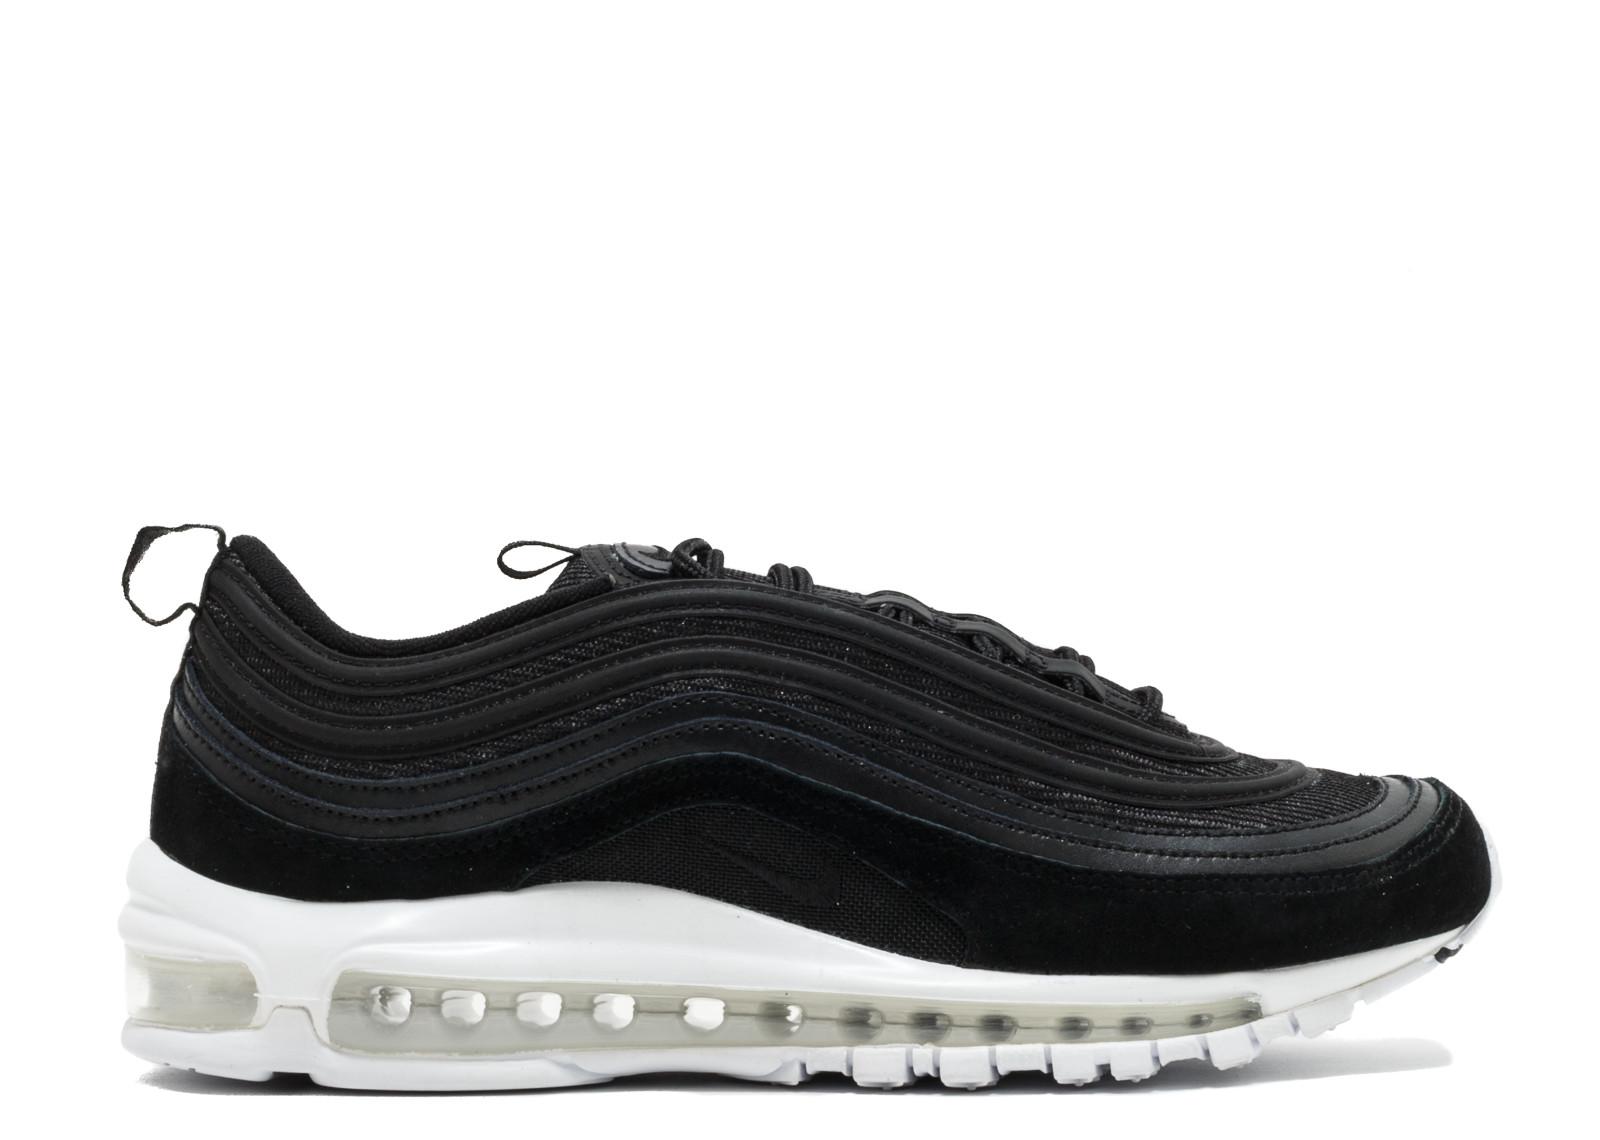 ナイキ エアー マックス メンズ 男性用 靴 スニーカー メンズ靴 【 NIKE AIR MAX 97 BLACK BLACKWHITE 】